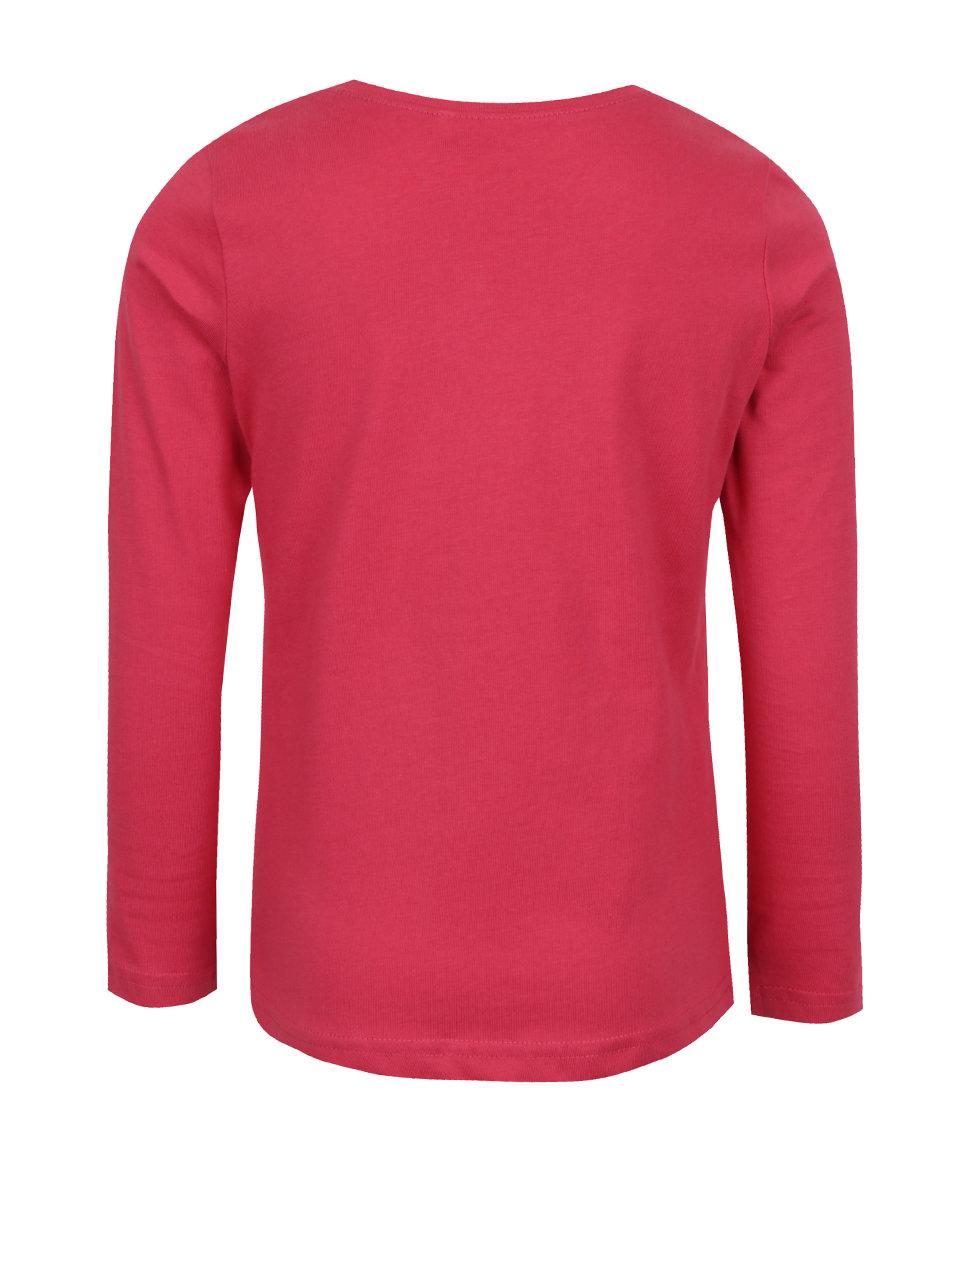 6d6db2cf6386 Ružové dievčenské tričko s dlhým rukávom name it Veenibi ...